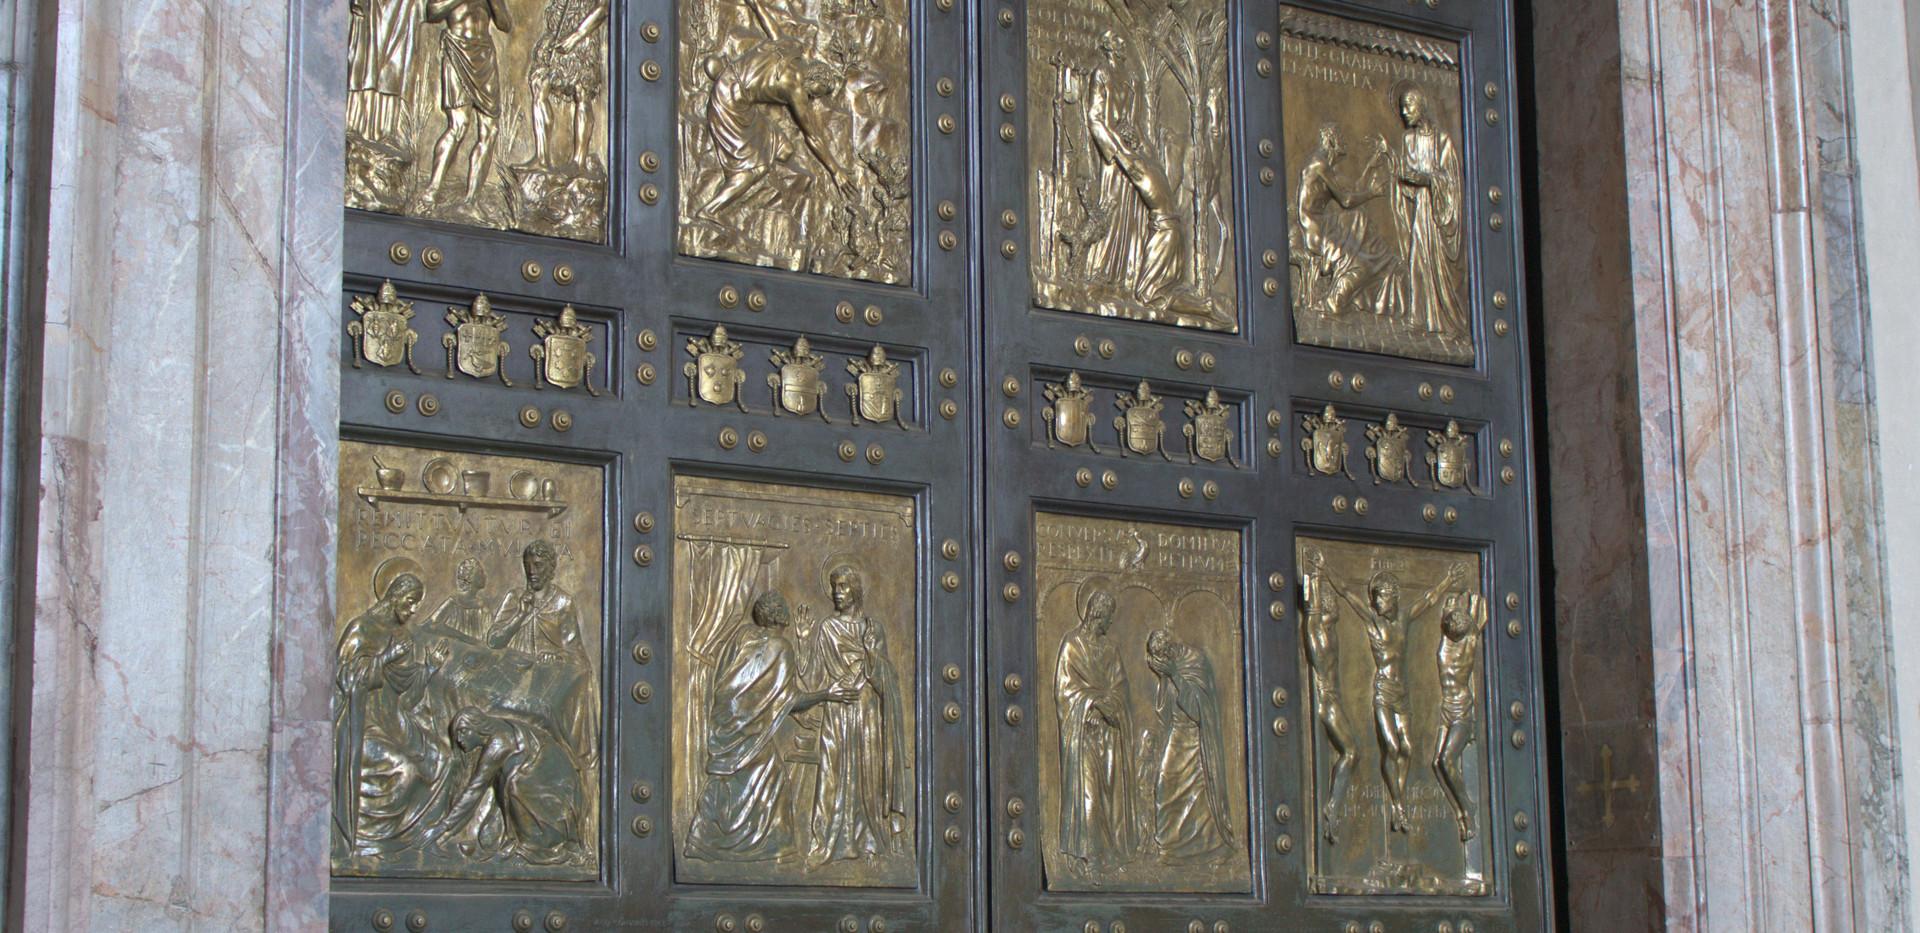 vaticanmuseum5.jpg